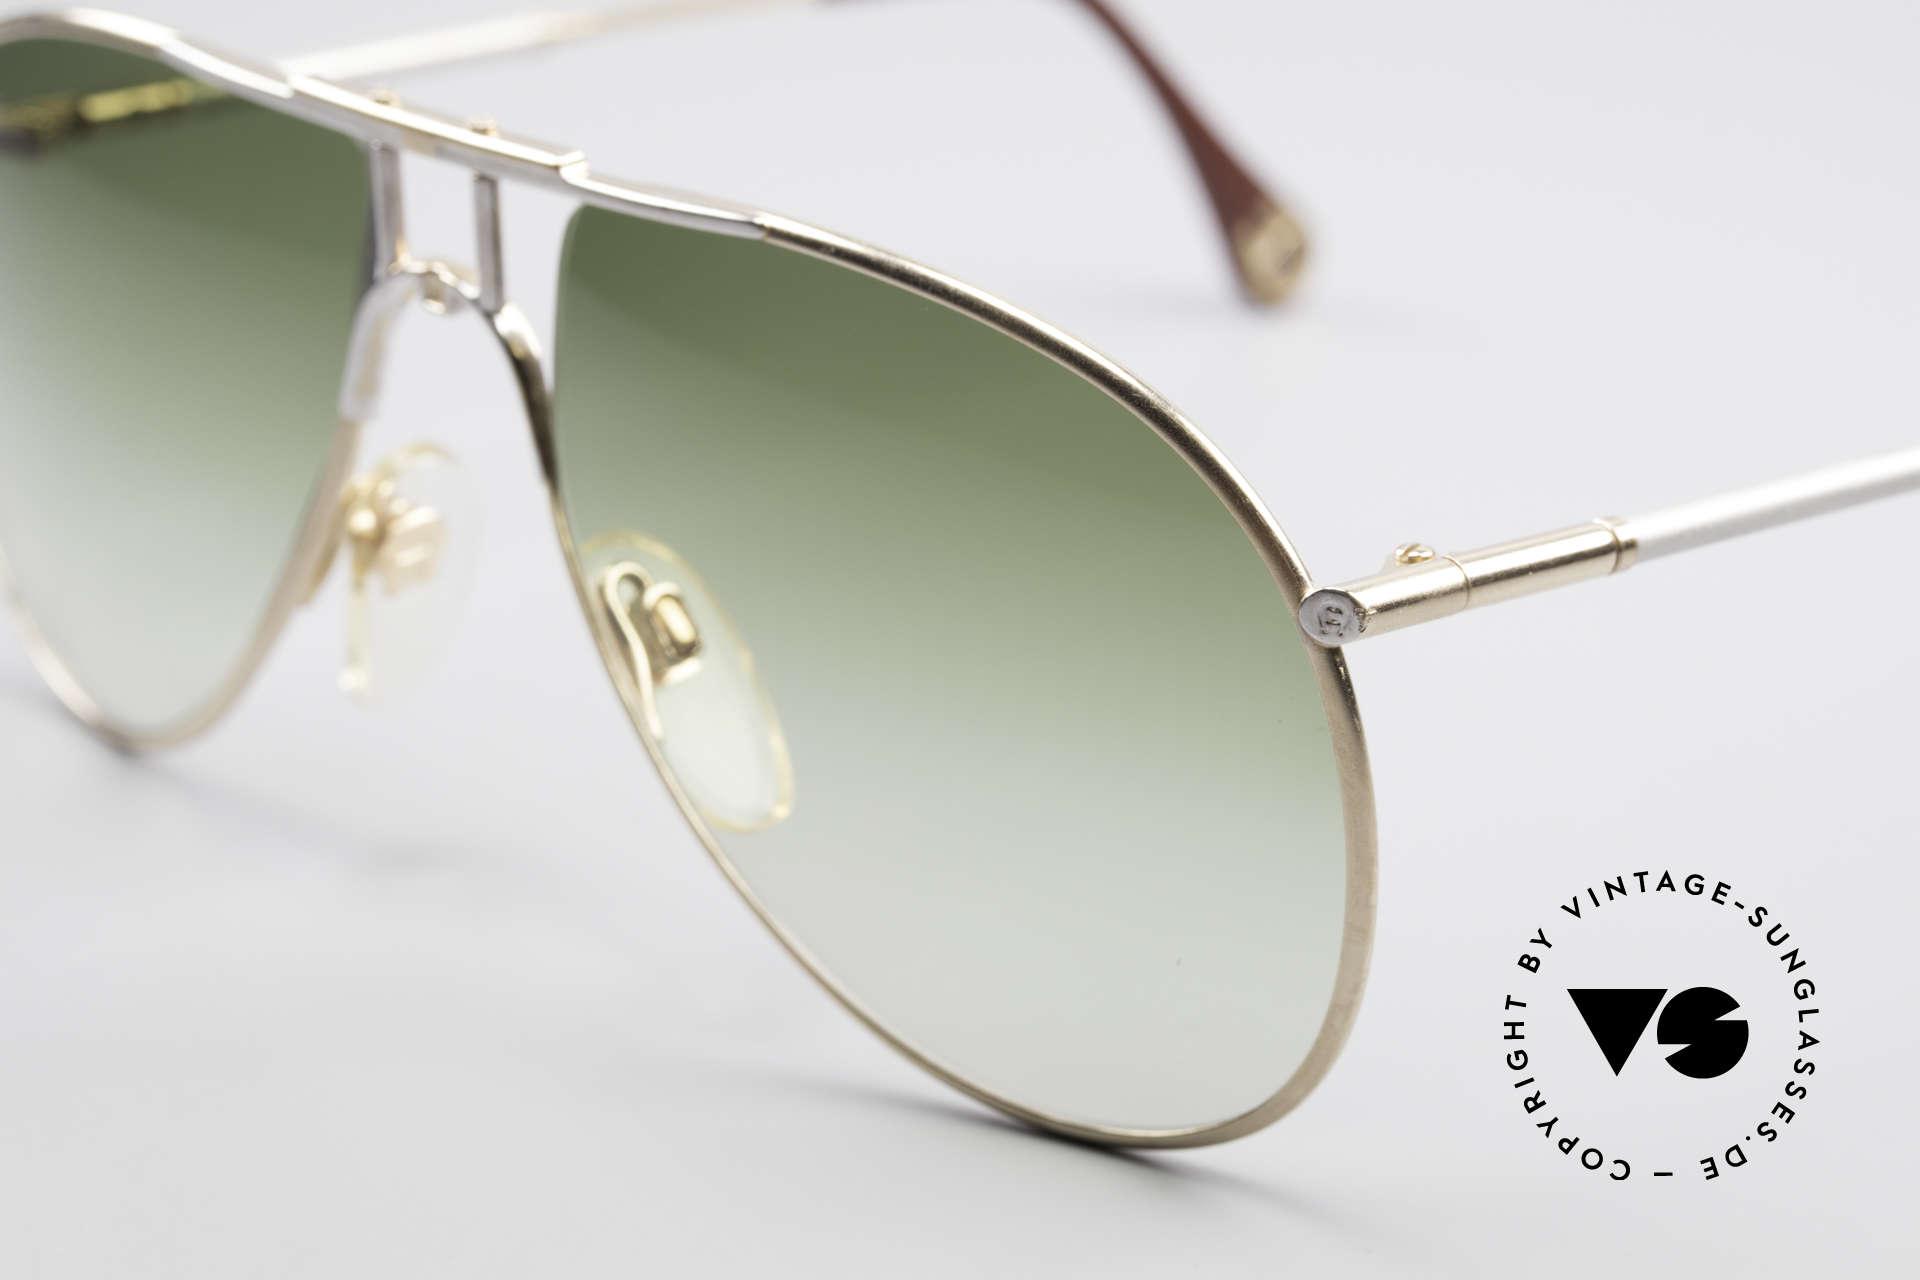 Aigner EA4 80er Luxus Sonnenbrille Herren, zudem absolute Top-Qualität und mit Seriennummer, Passend für Herren